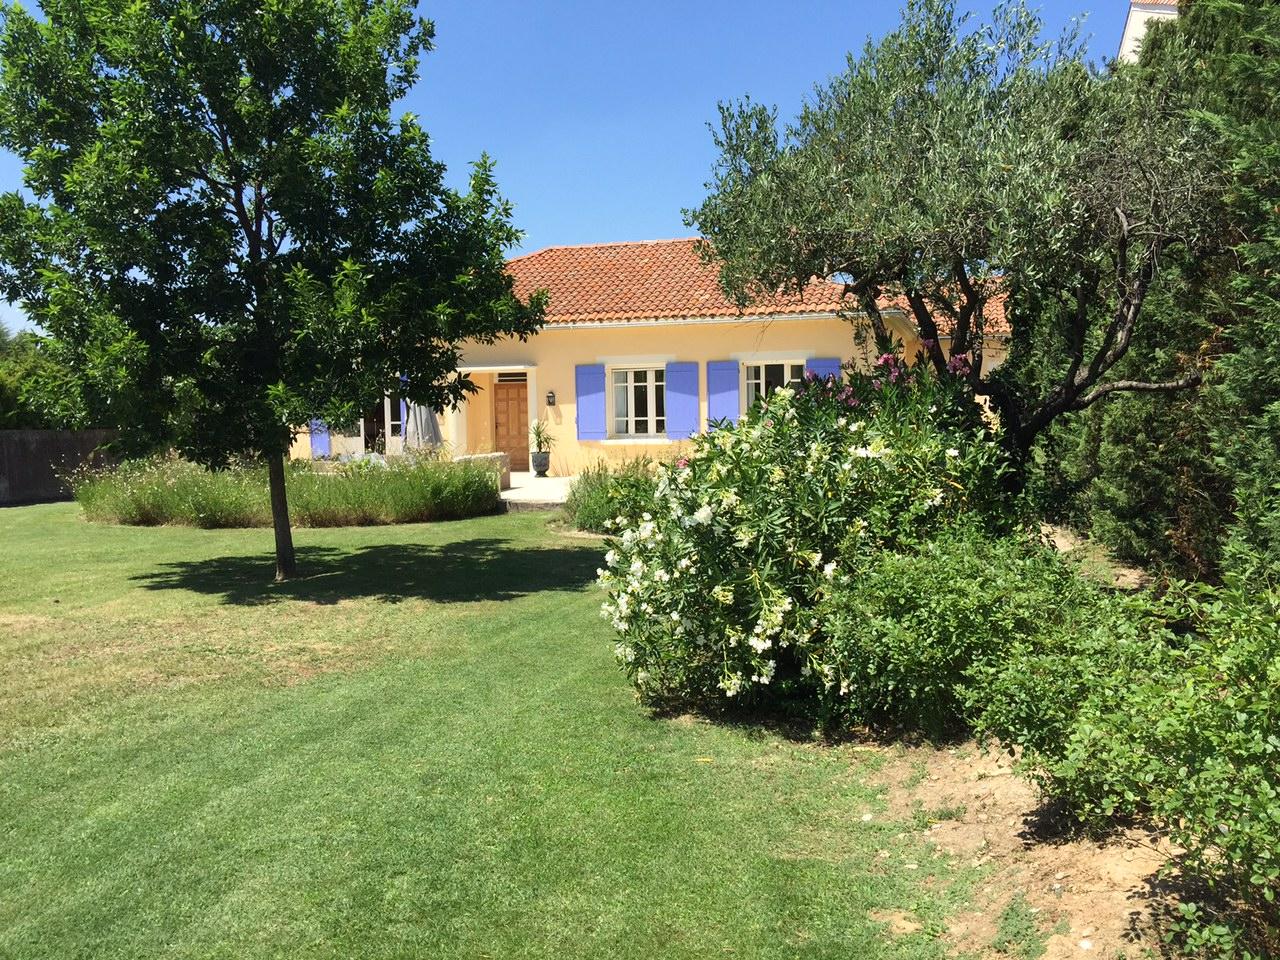 Maison de retraite st remy de provence ventana blog - Maison jardin assisted living avignon ...